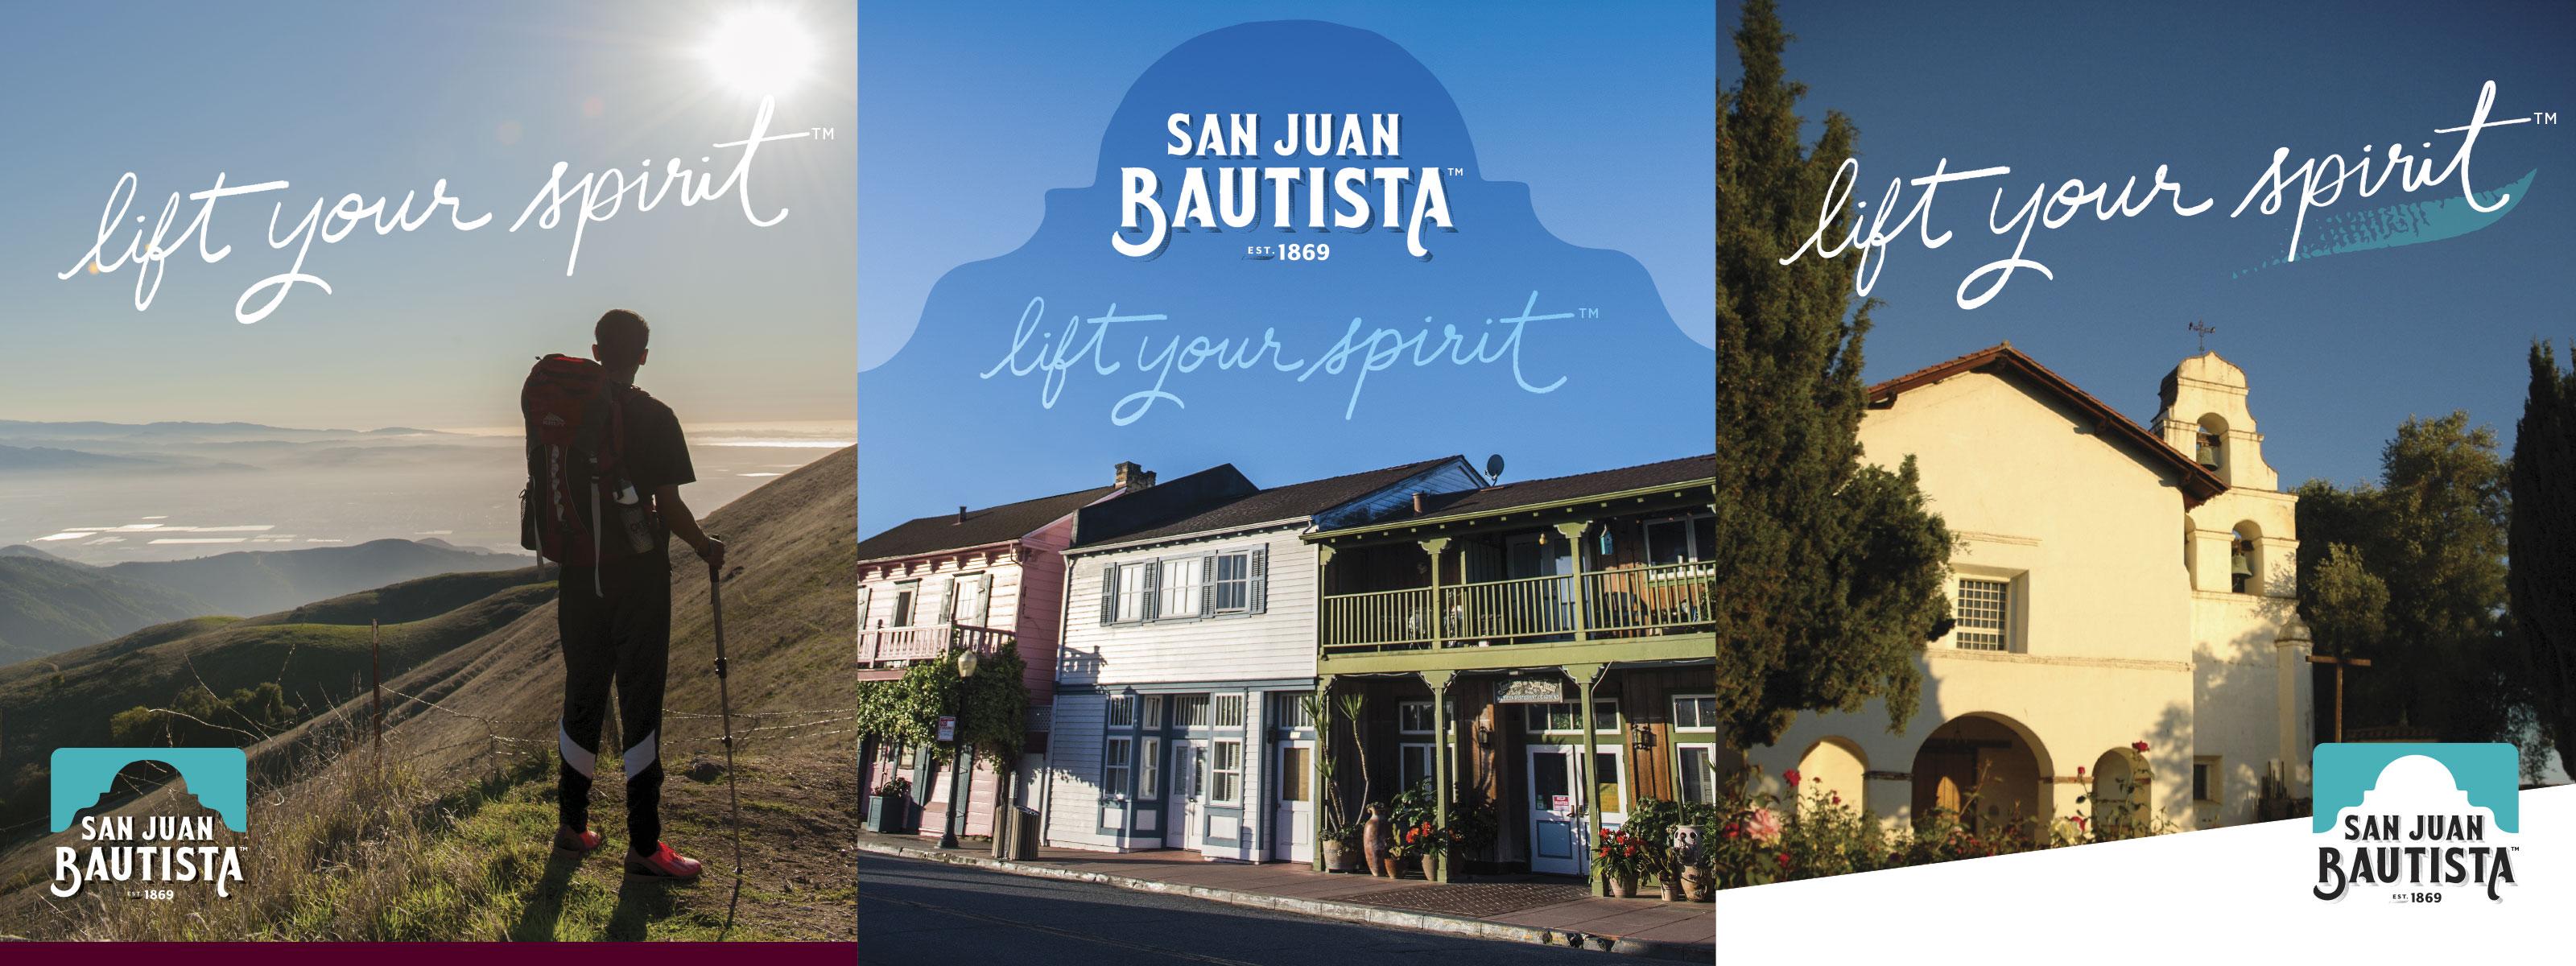 San Juan Bautista, City Tourism Ads